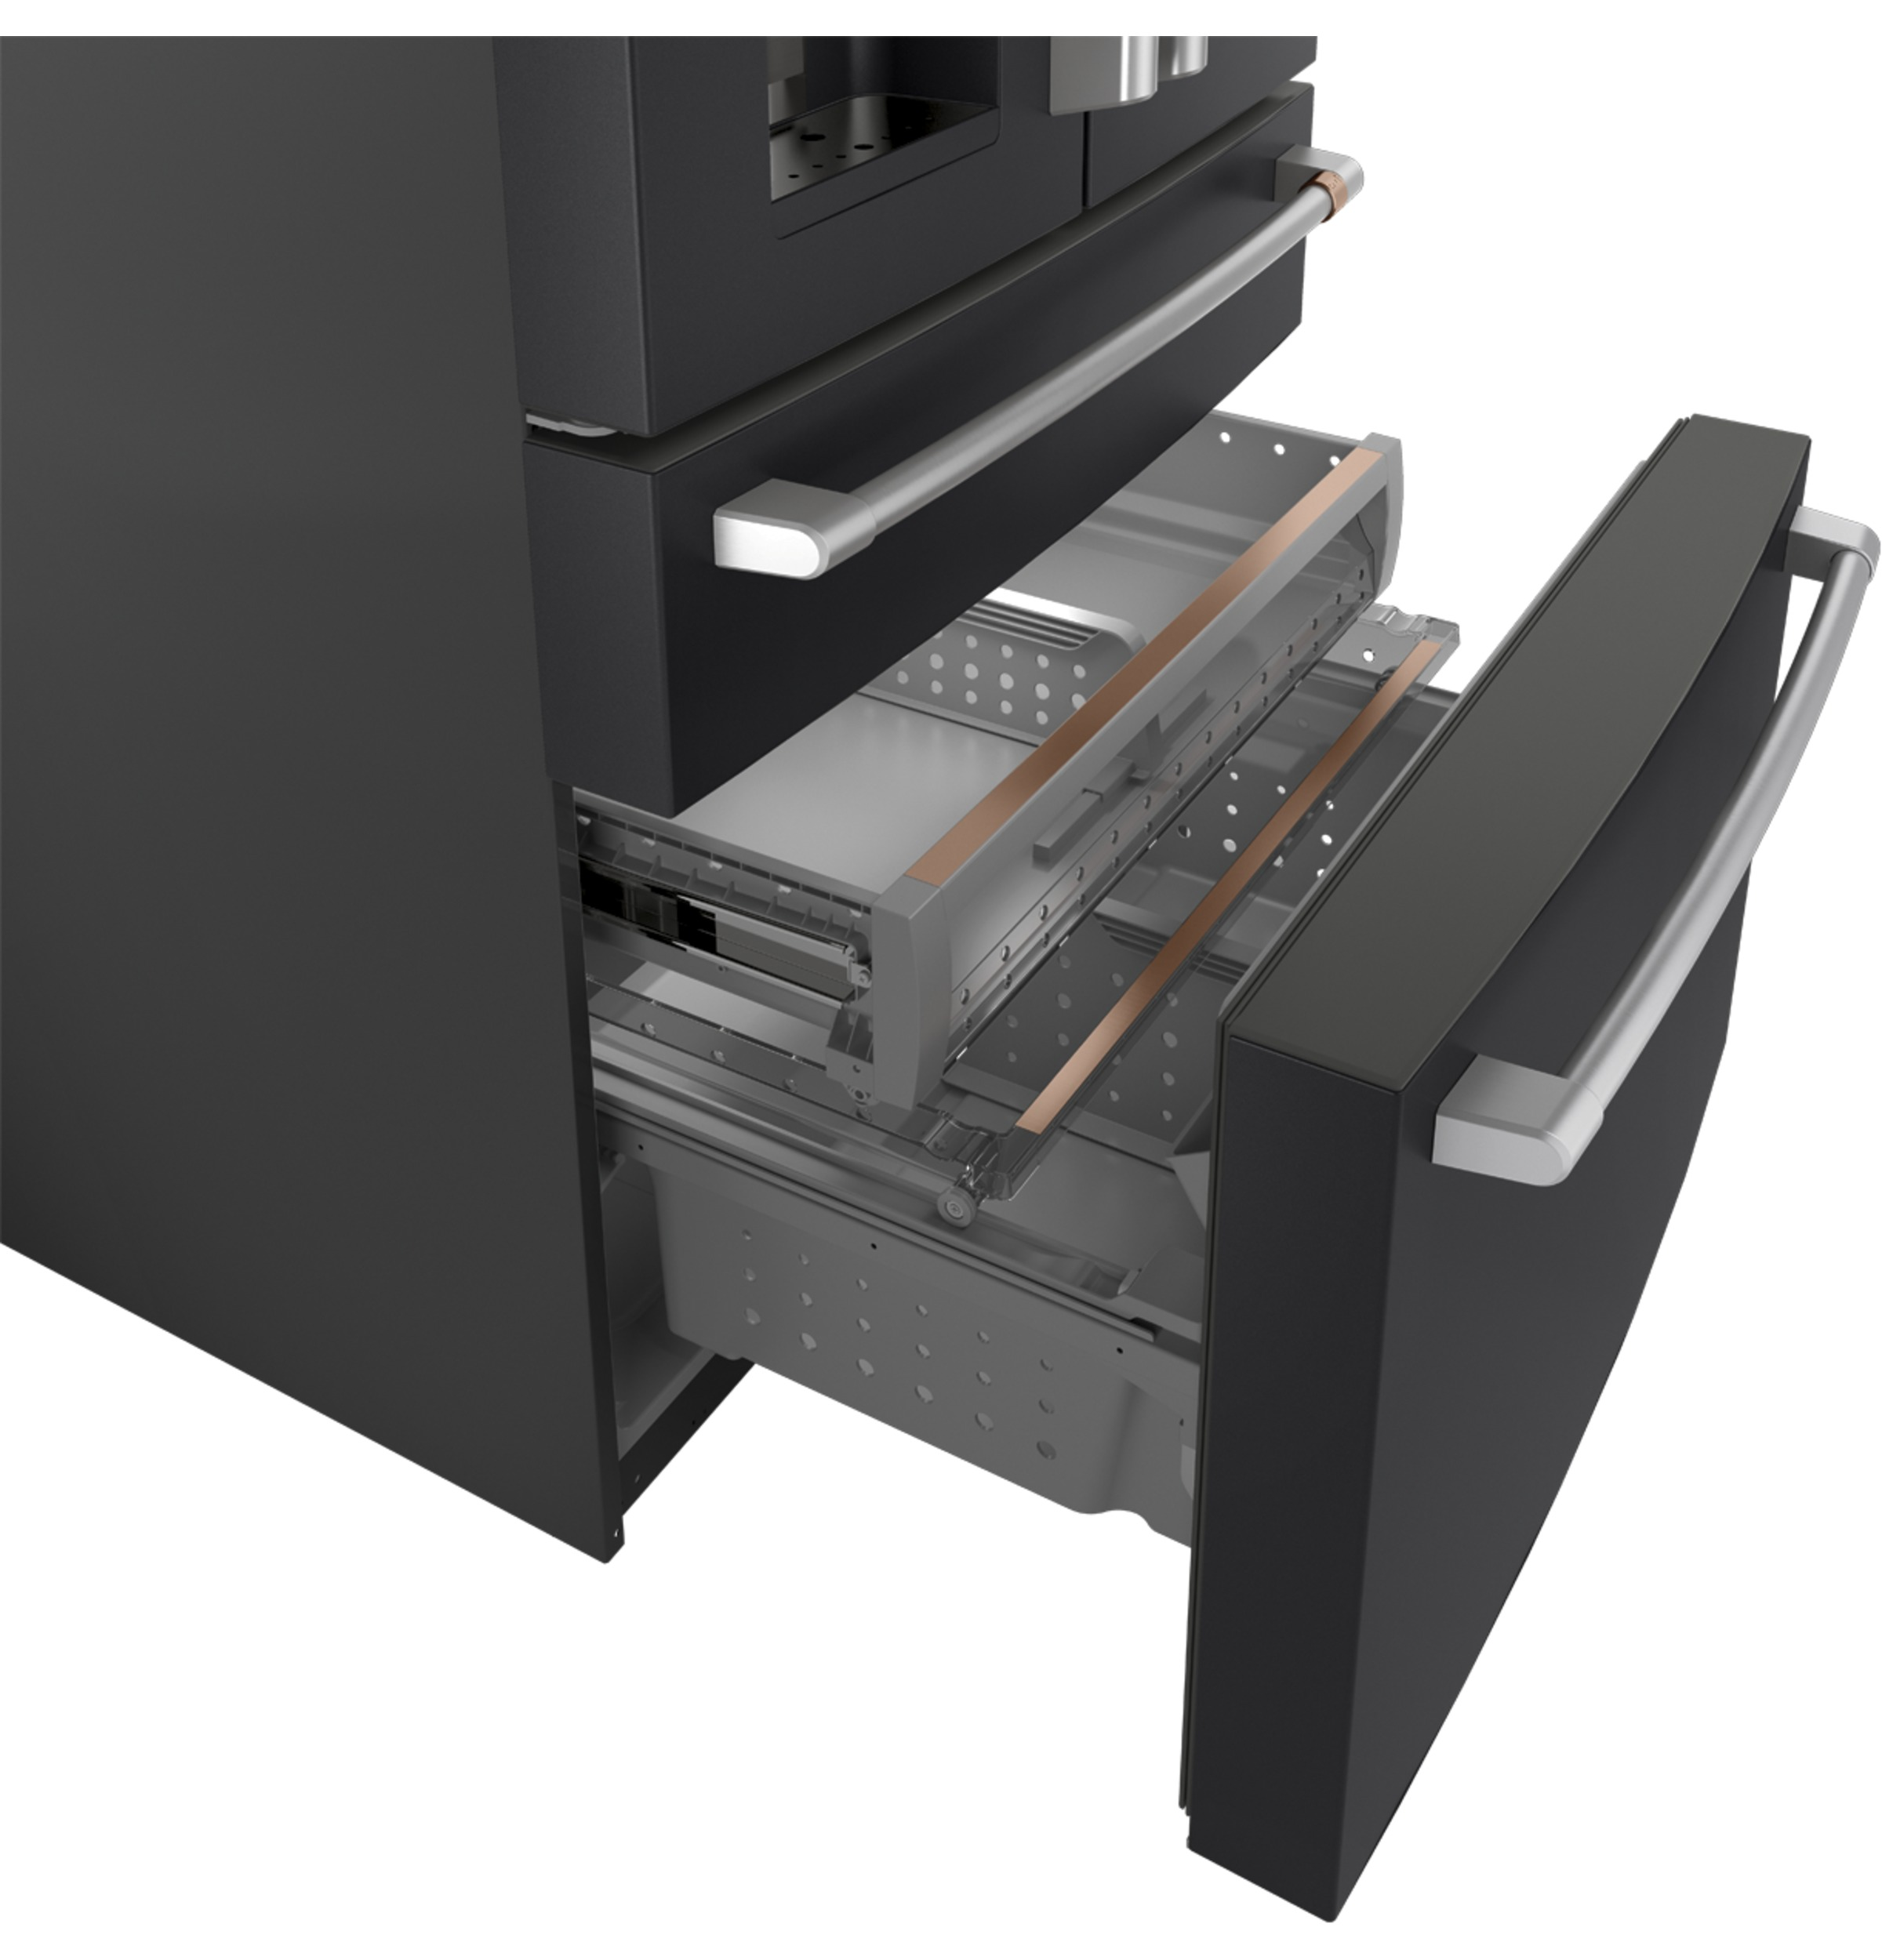 Model: CVE28DP3ND1 | Cafe Café™ ENERGY STAR® 27.8 Cu. Ft. Smart 4-Door French-Door Refrigerator